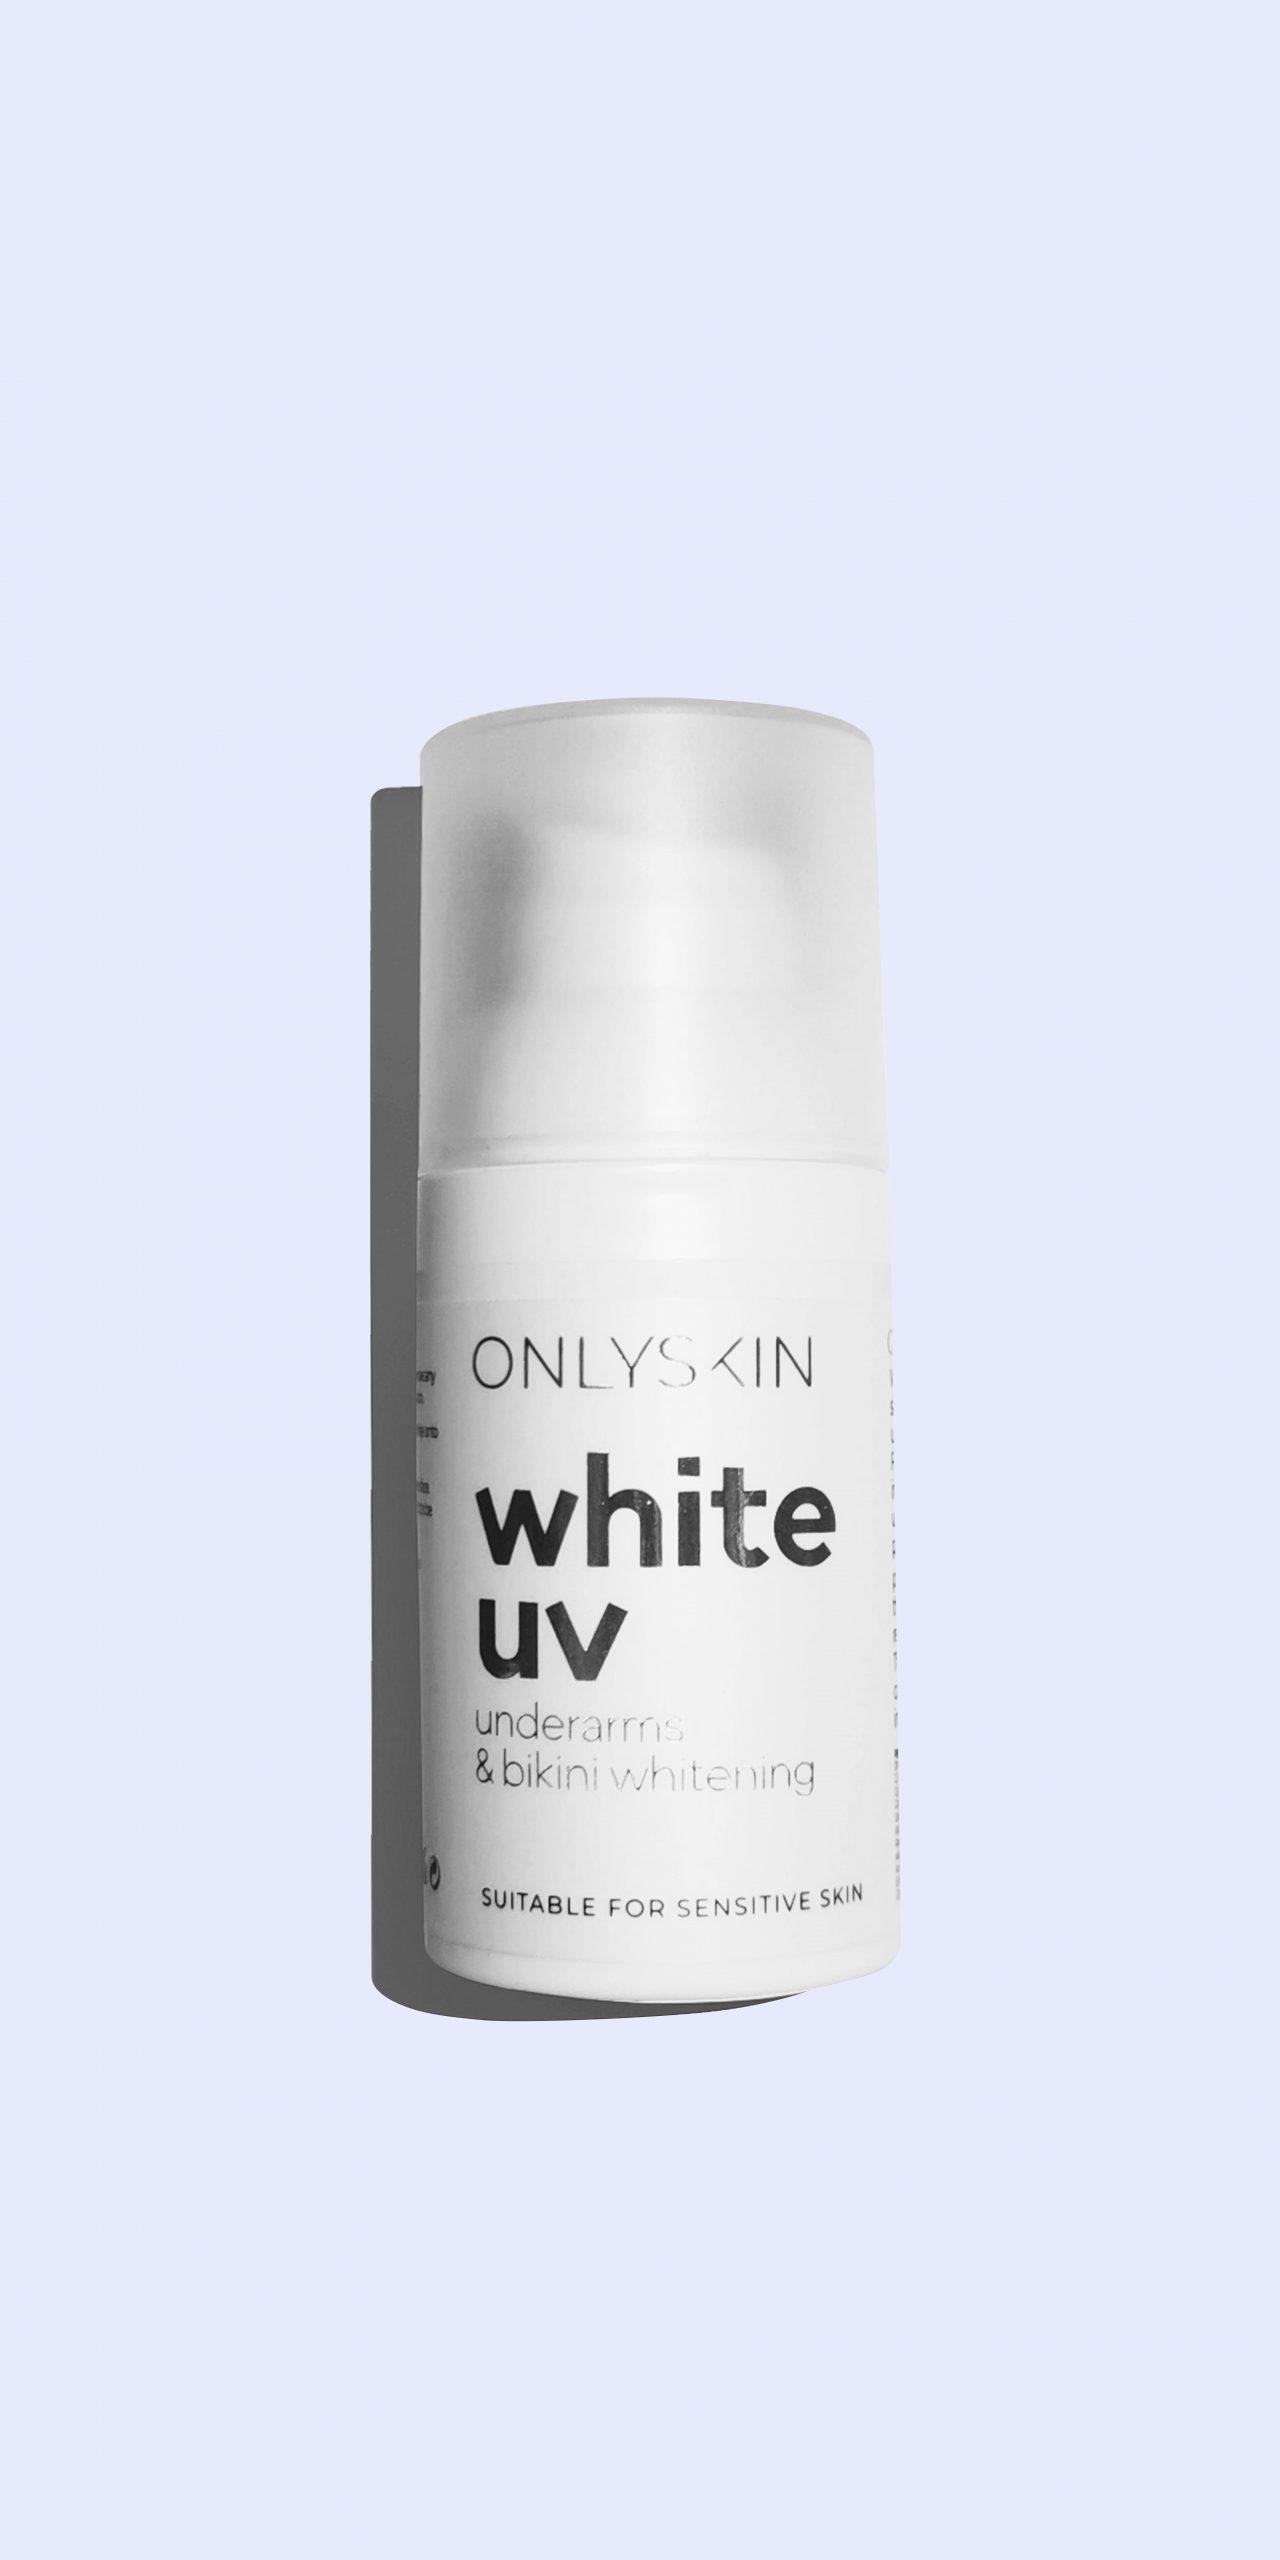 White-UV-onlyskin copy